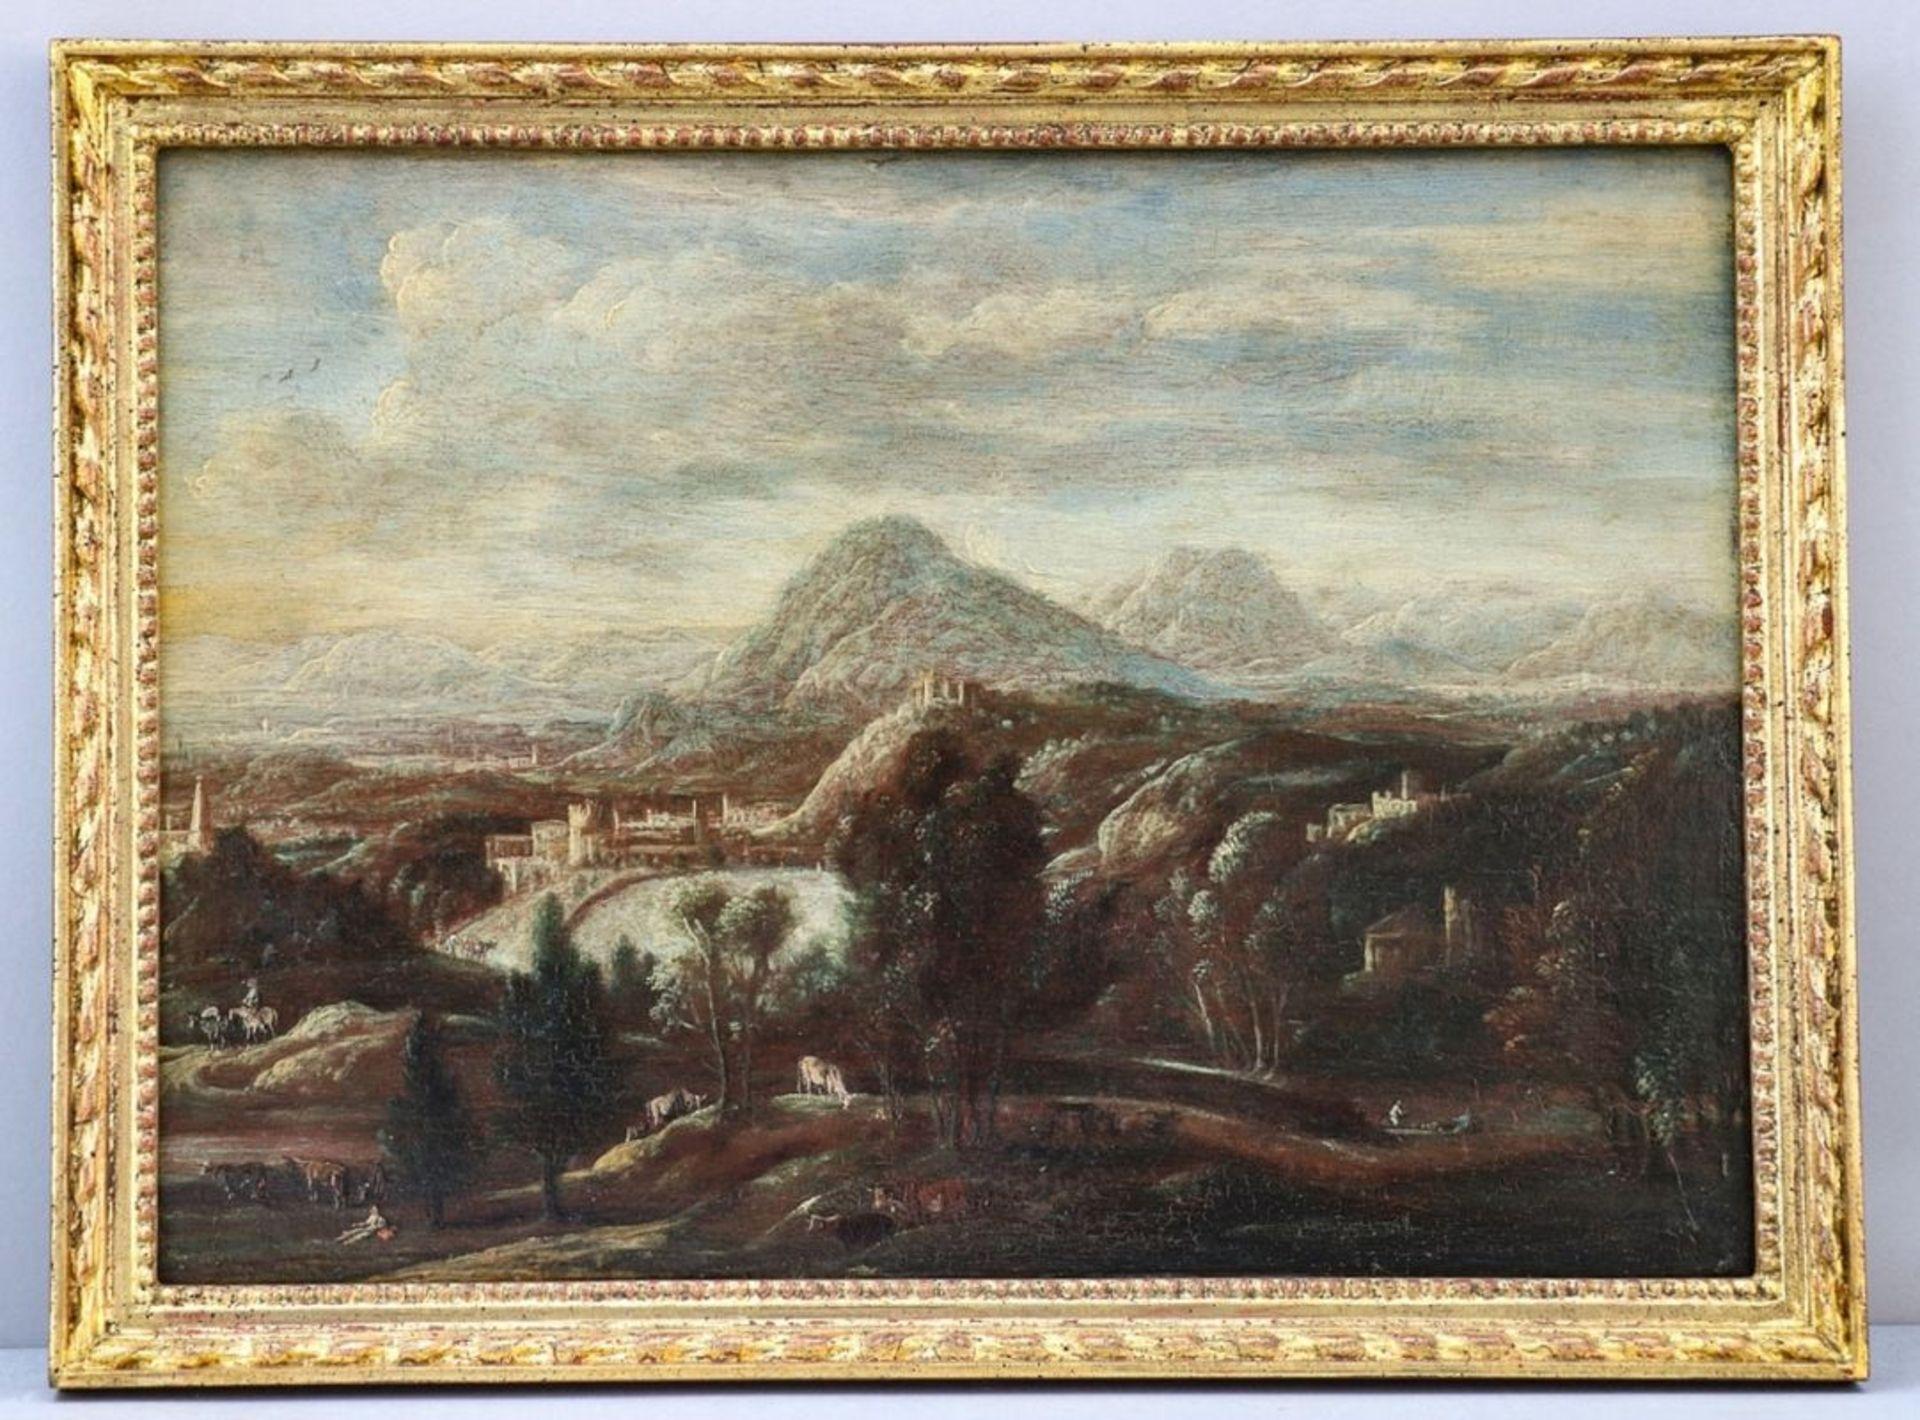 Flämischer Künstler des 18. Jahrhunderts - Bild 3 aus 5